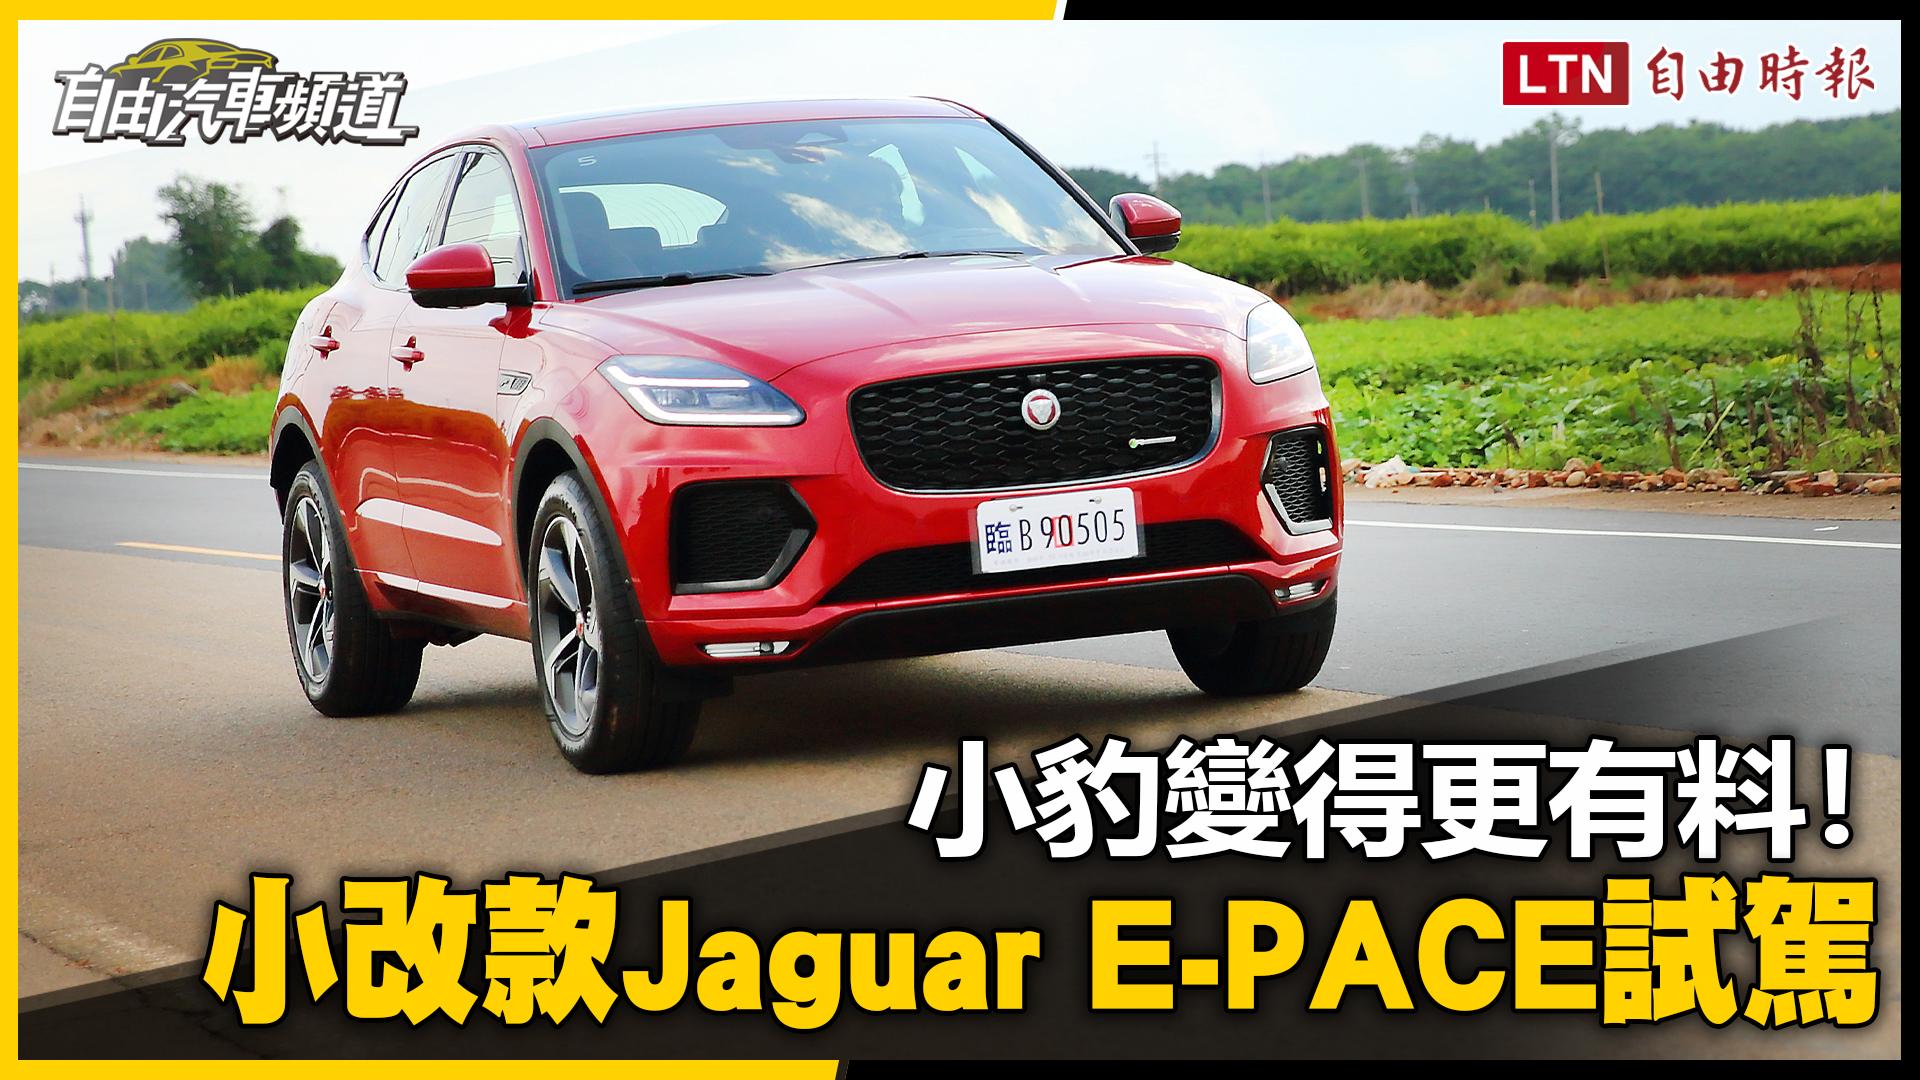 小改款直接換新底盤 Jaguar E-PACE